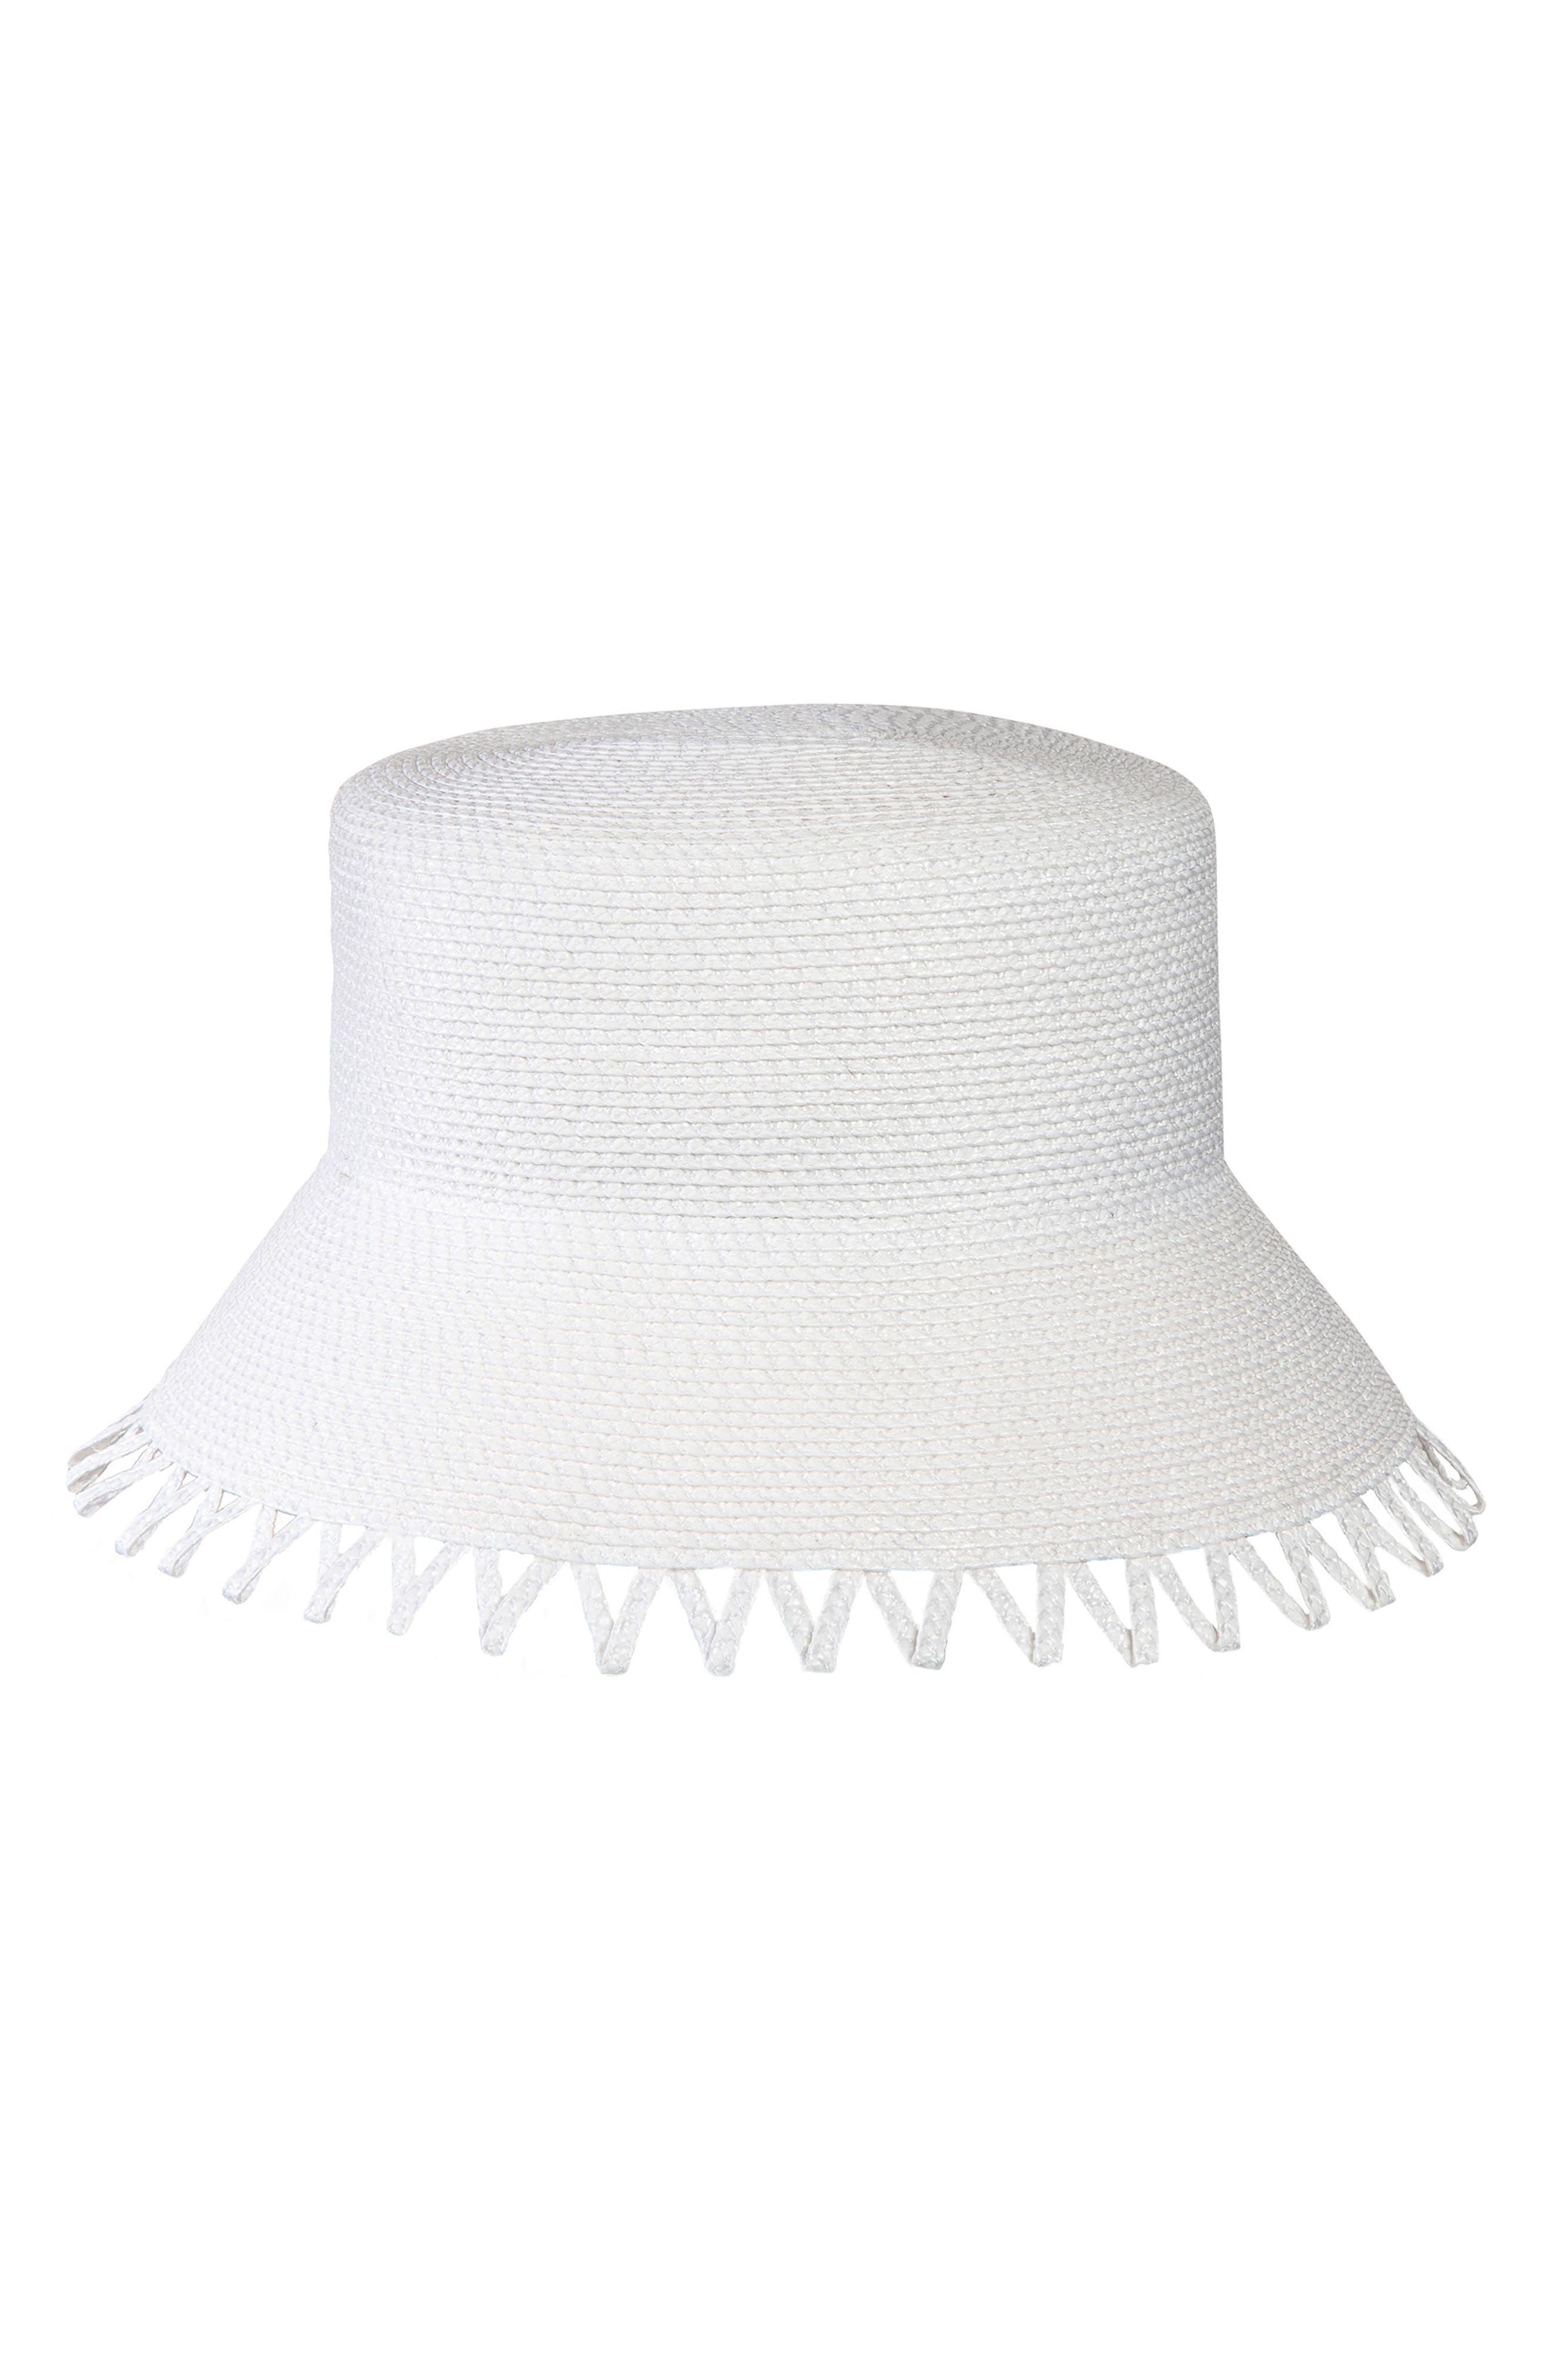 913e6ed55f7 Bucket Hats for Women